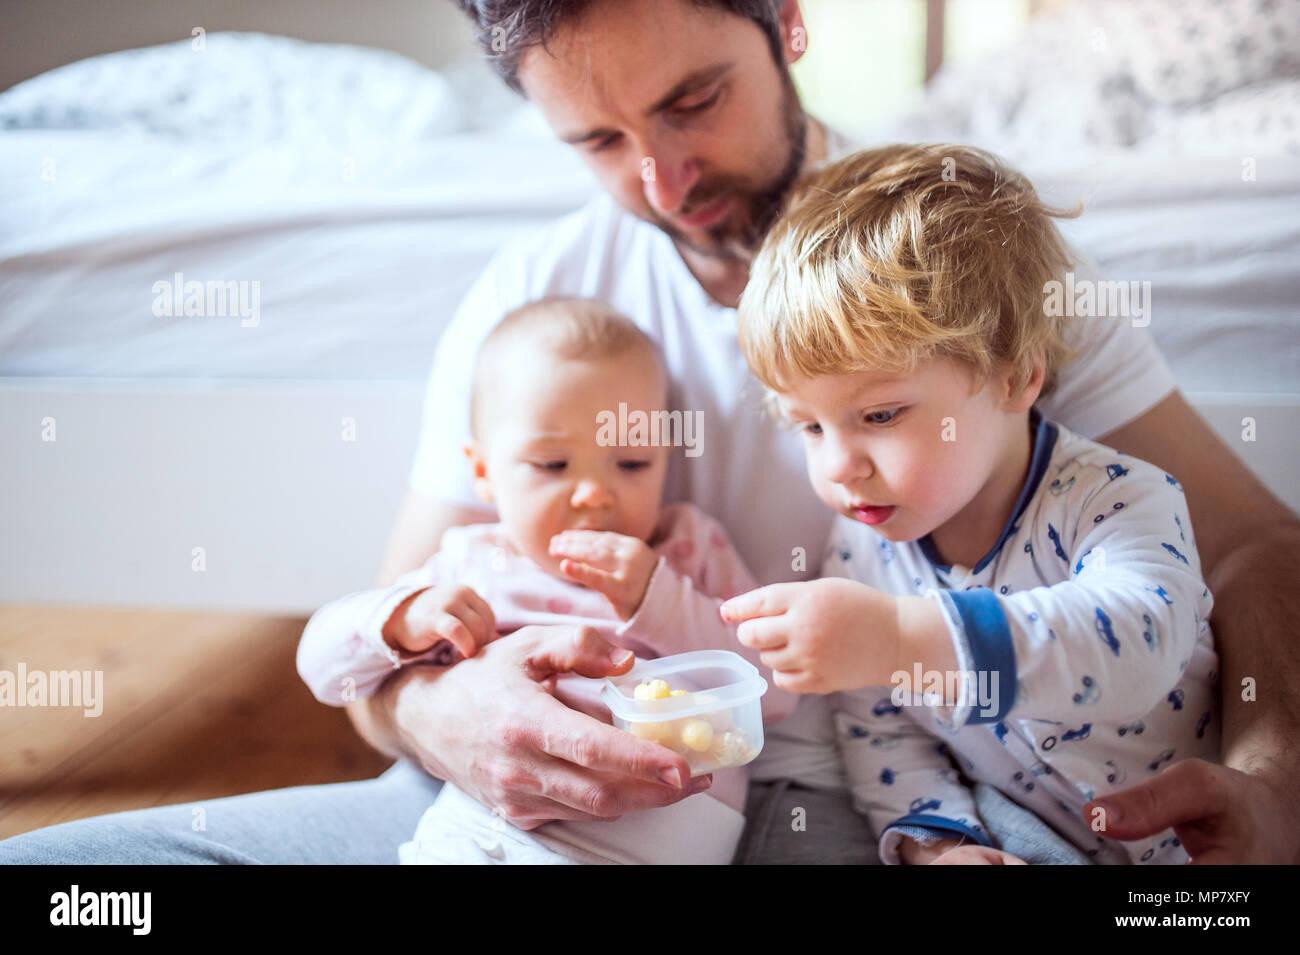 Père tout-petits avec les enfants de manger de la nourriture de doigt dans la chambre à la maison. Banque D'Images